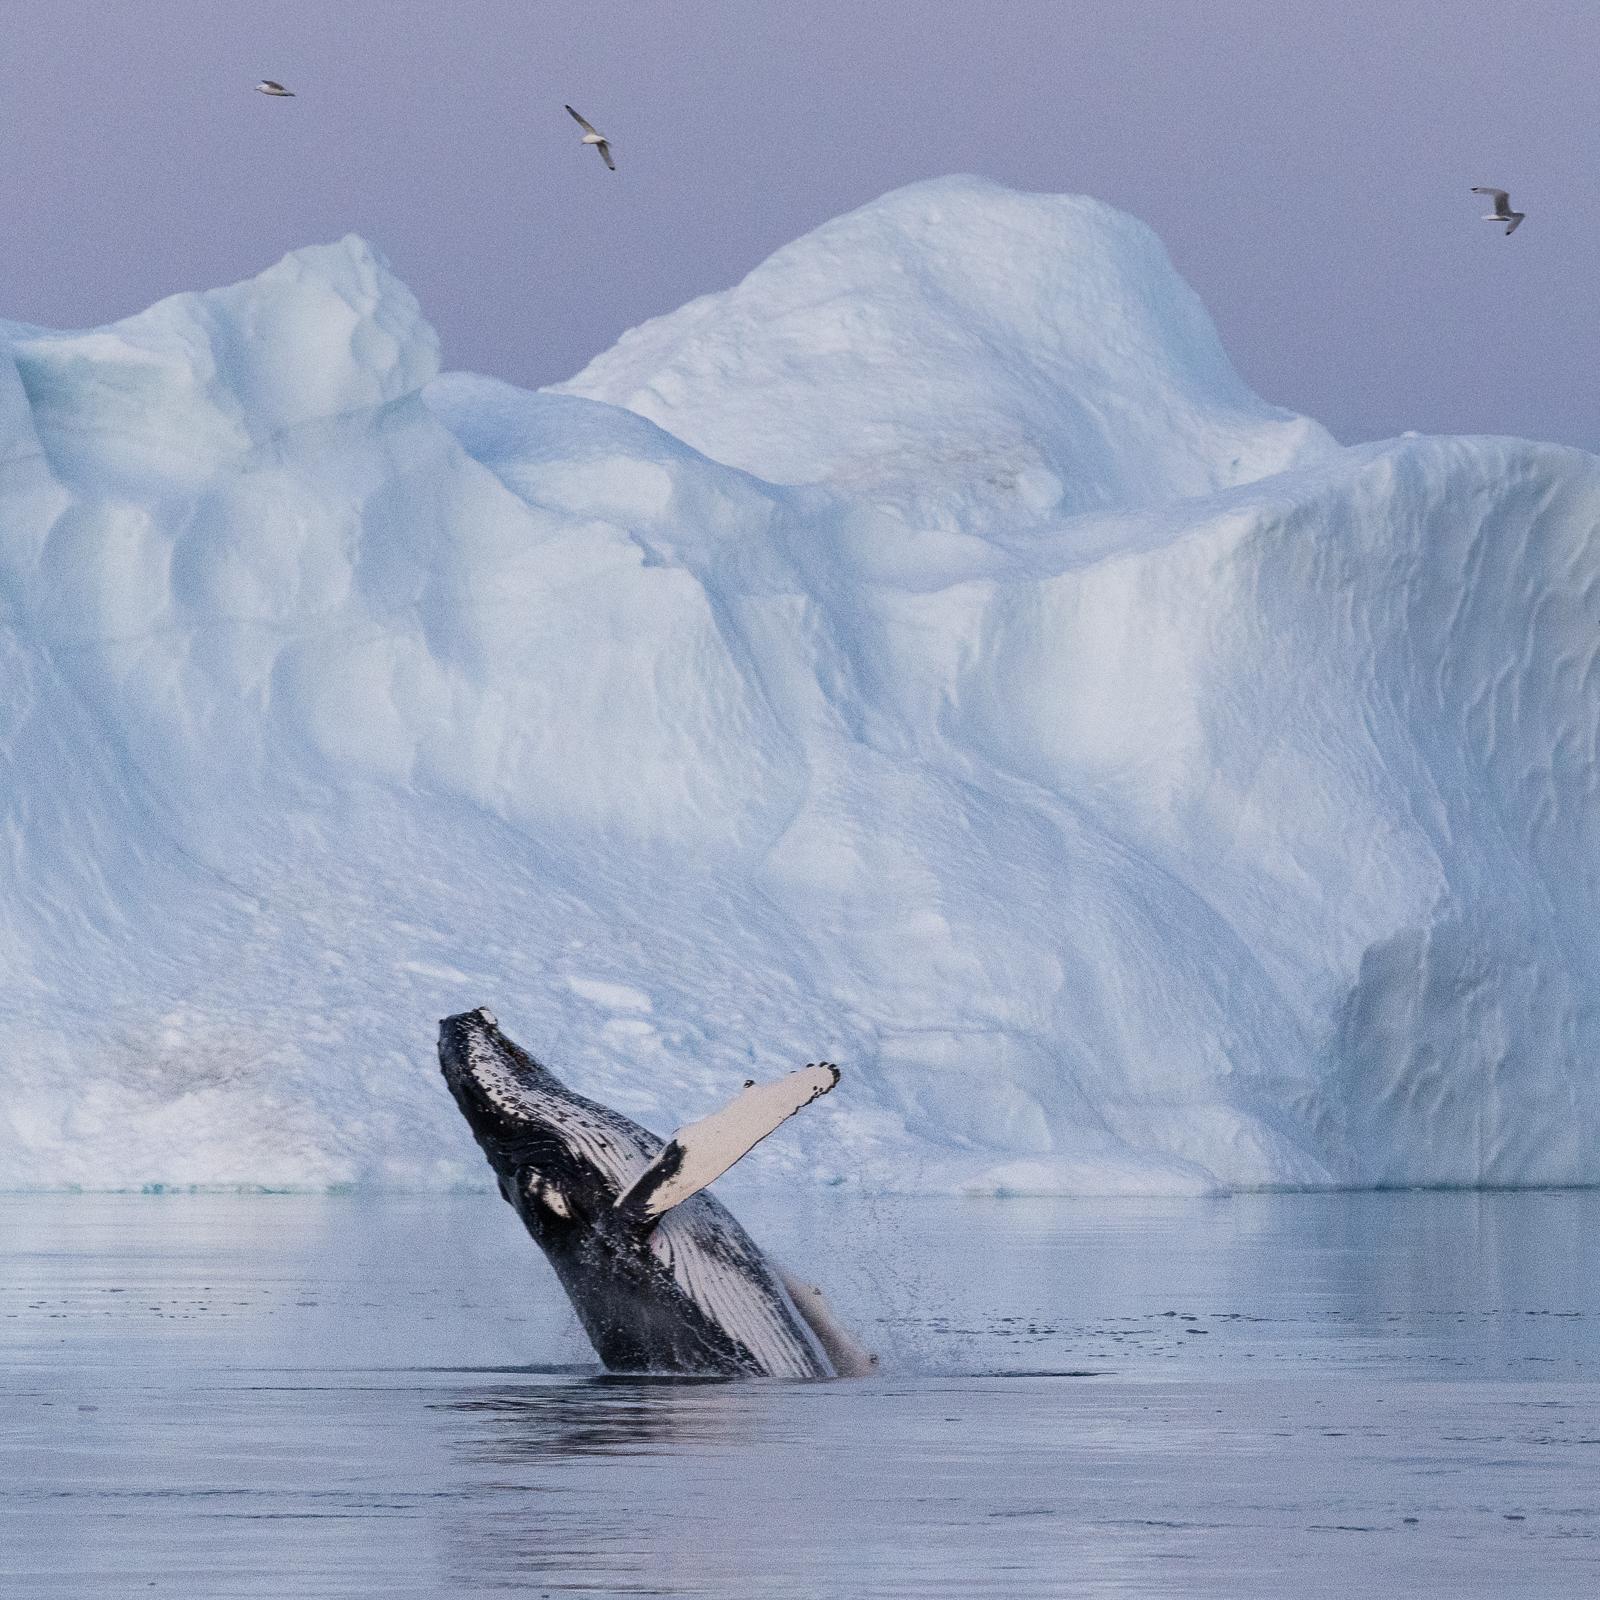 West Greenland Photo Workshop in Disko Bay | Sailing on Schooner - day 3